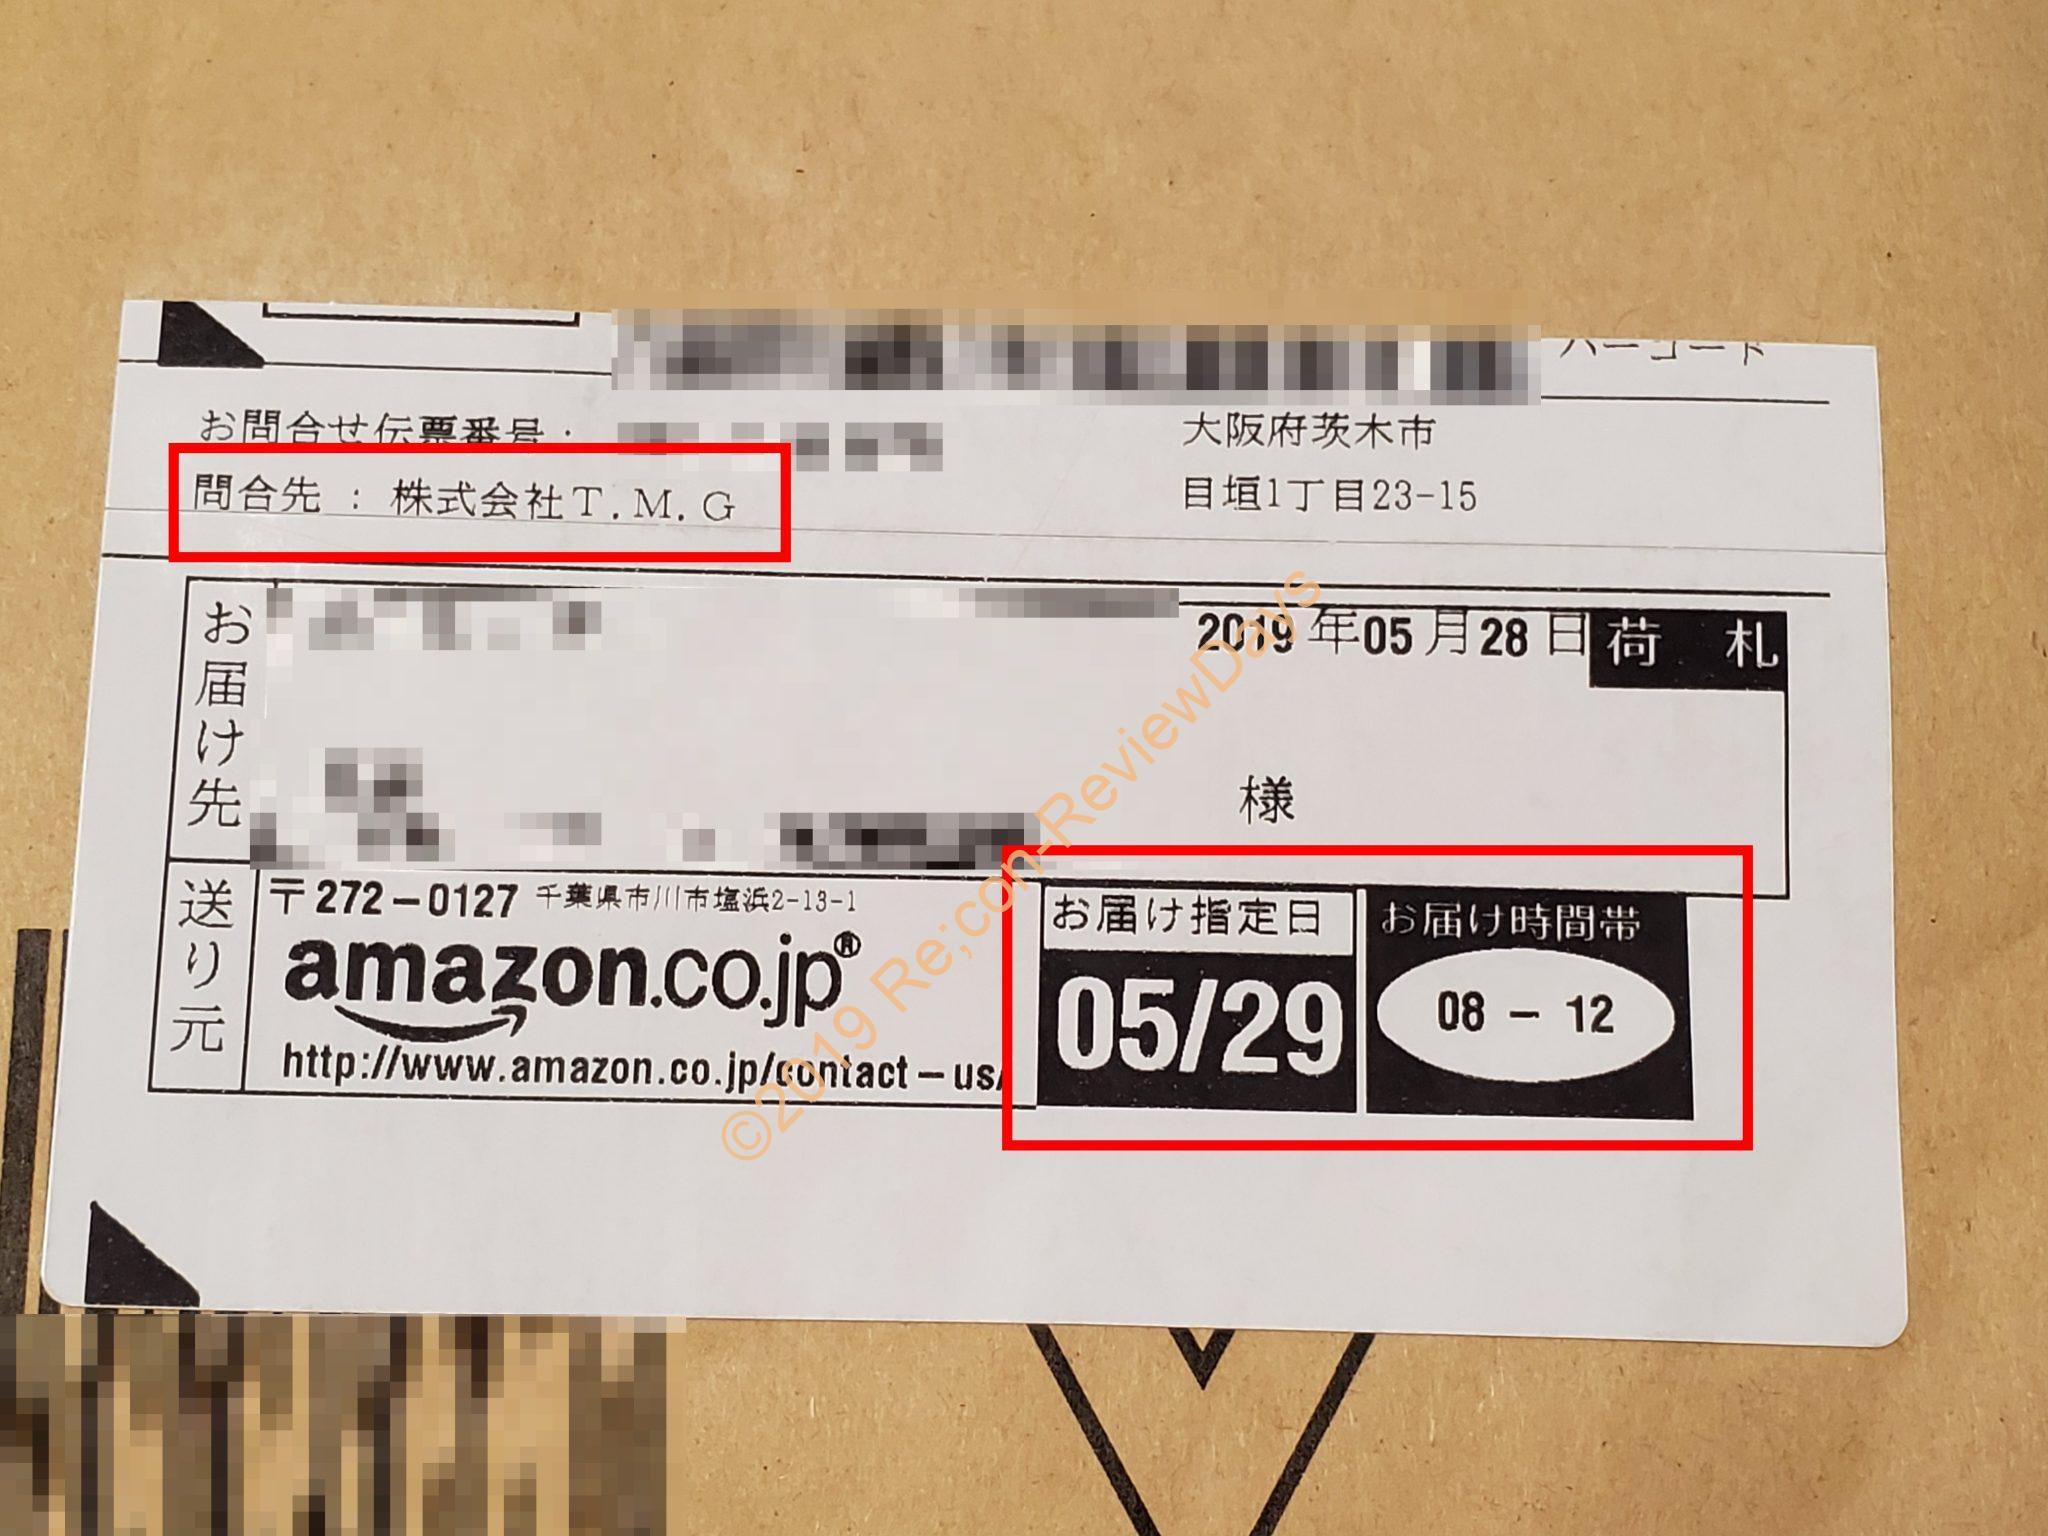 Tmg amazon 撤退 アマゾンと配送業者に契約トラブル、ドライバー悲鳴